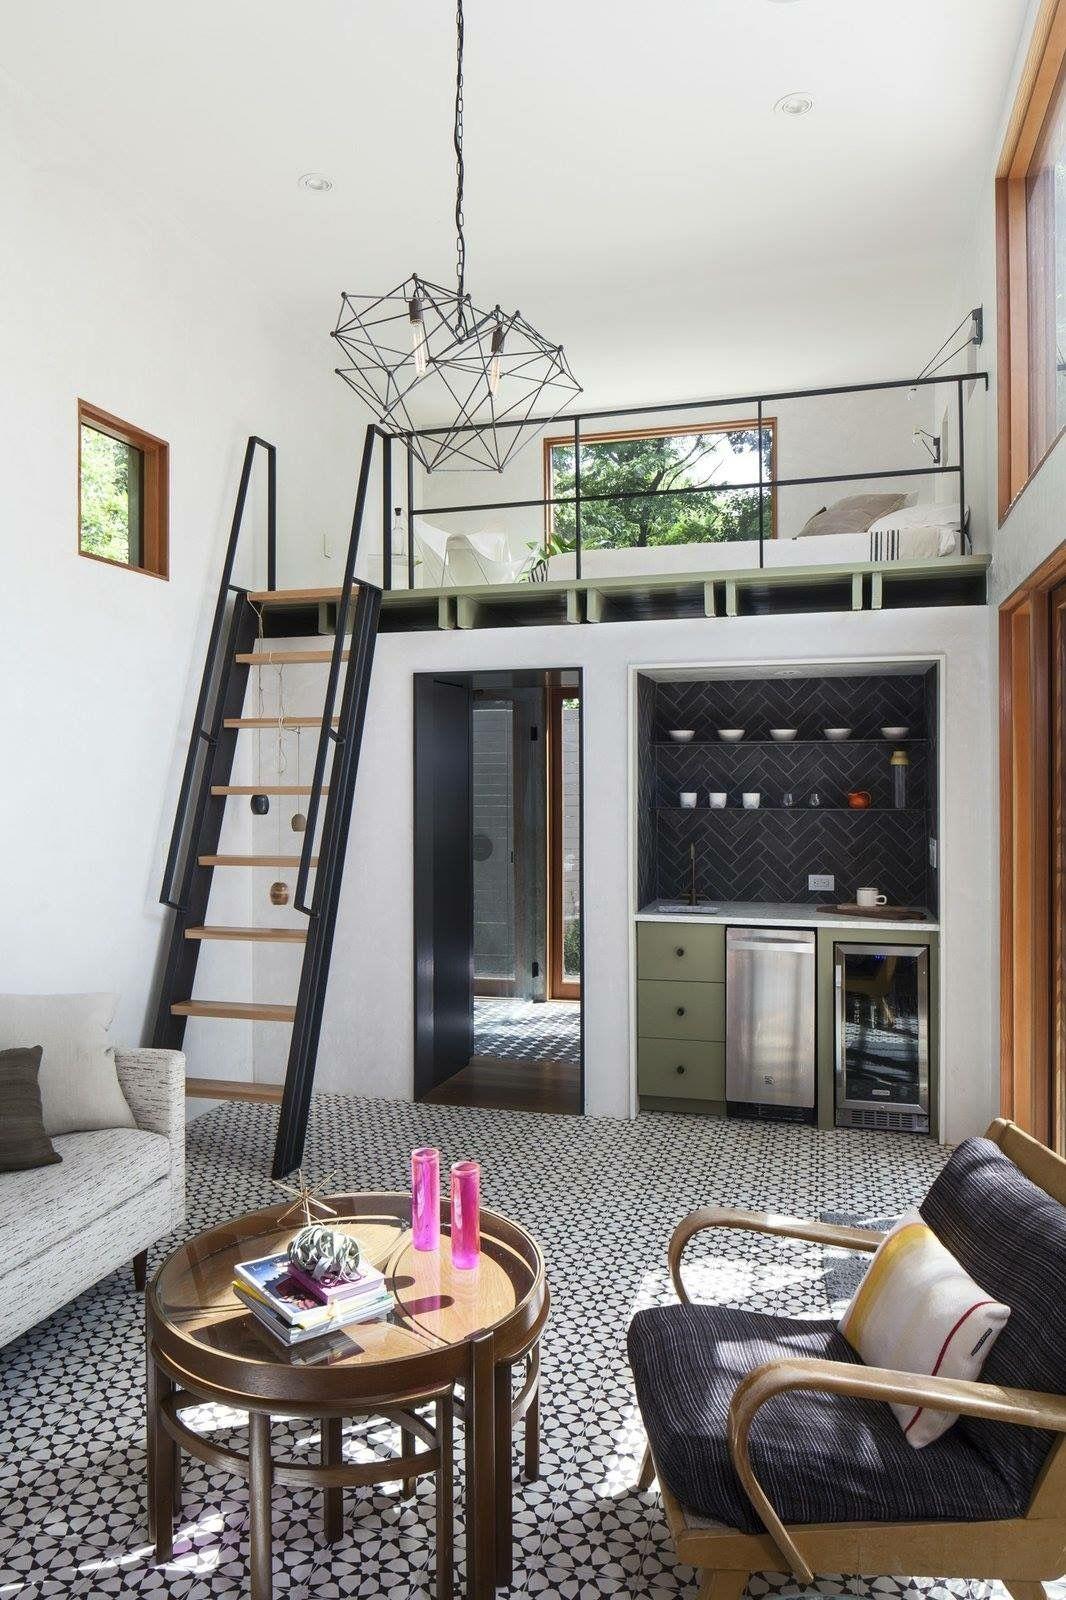 Perfekt Hofhaus, Schlafzimmer Ideen, Kinderzimmer, Kleine Räume, Container Häuser,  Bauwagen, Ferienhaus, Traumhaus, Haus Ideen